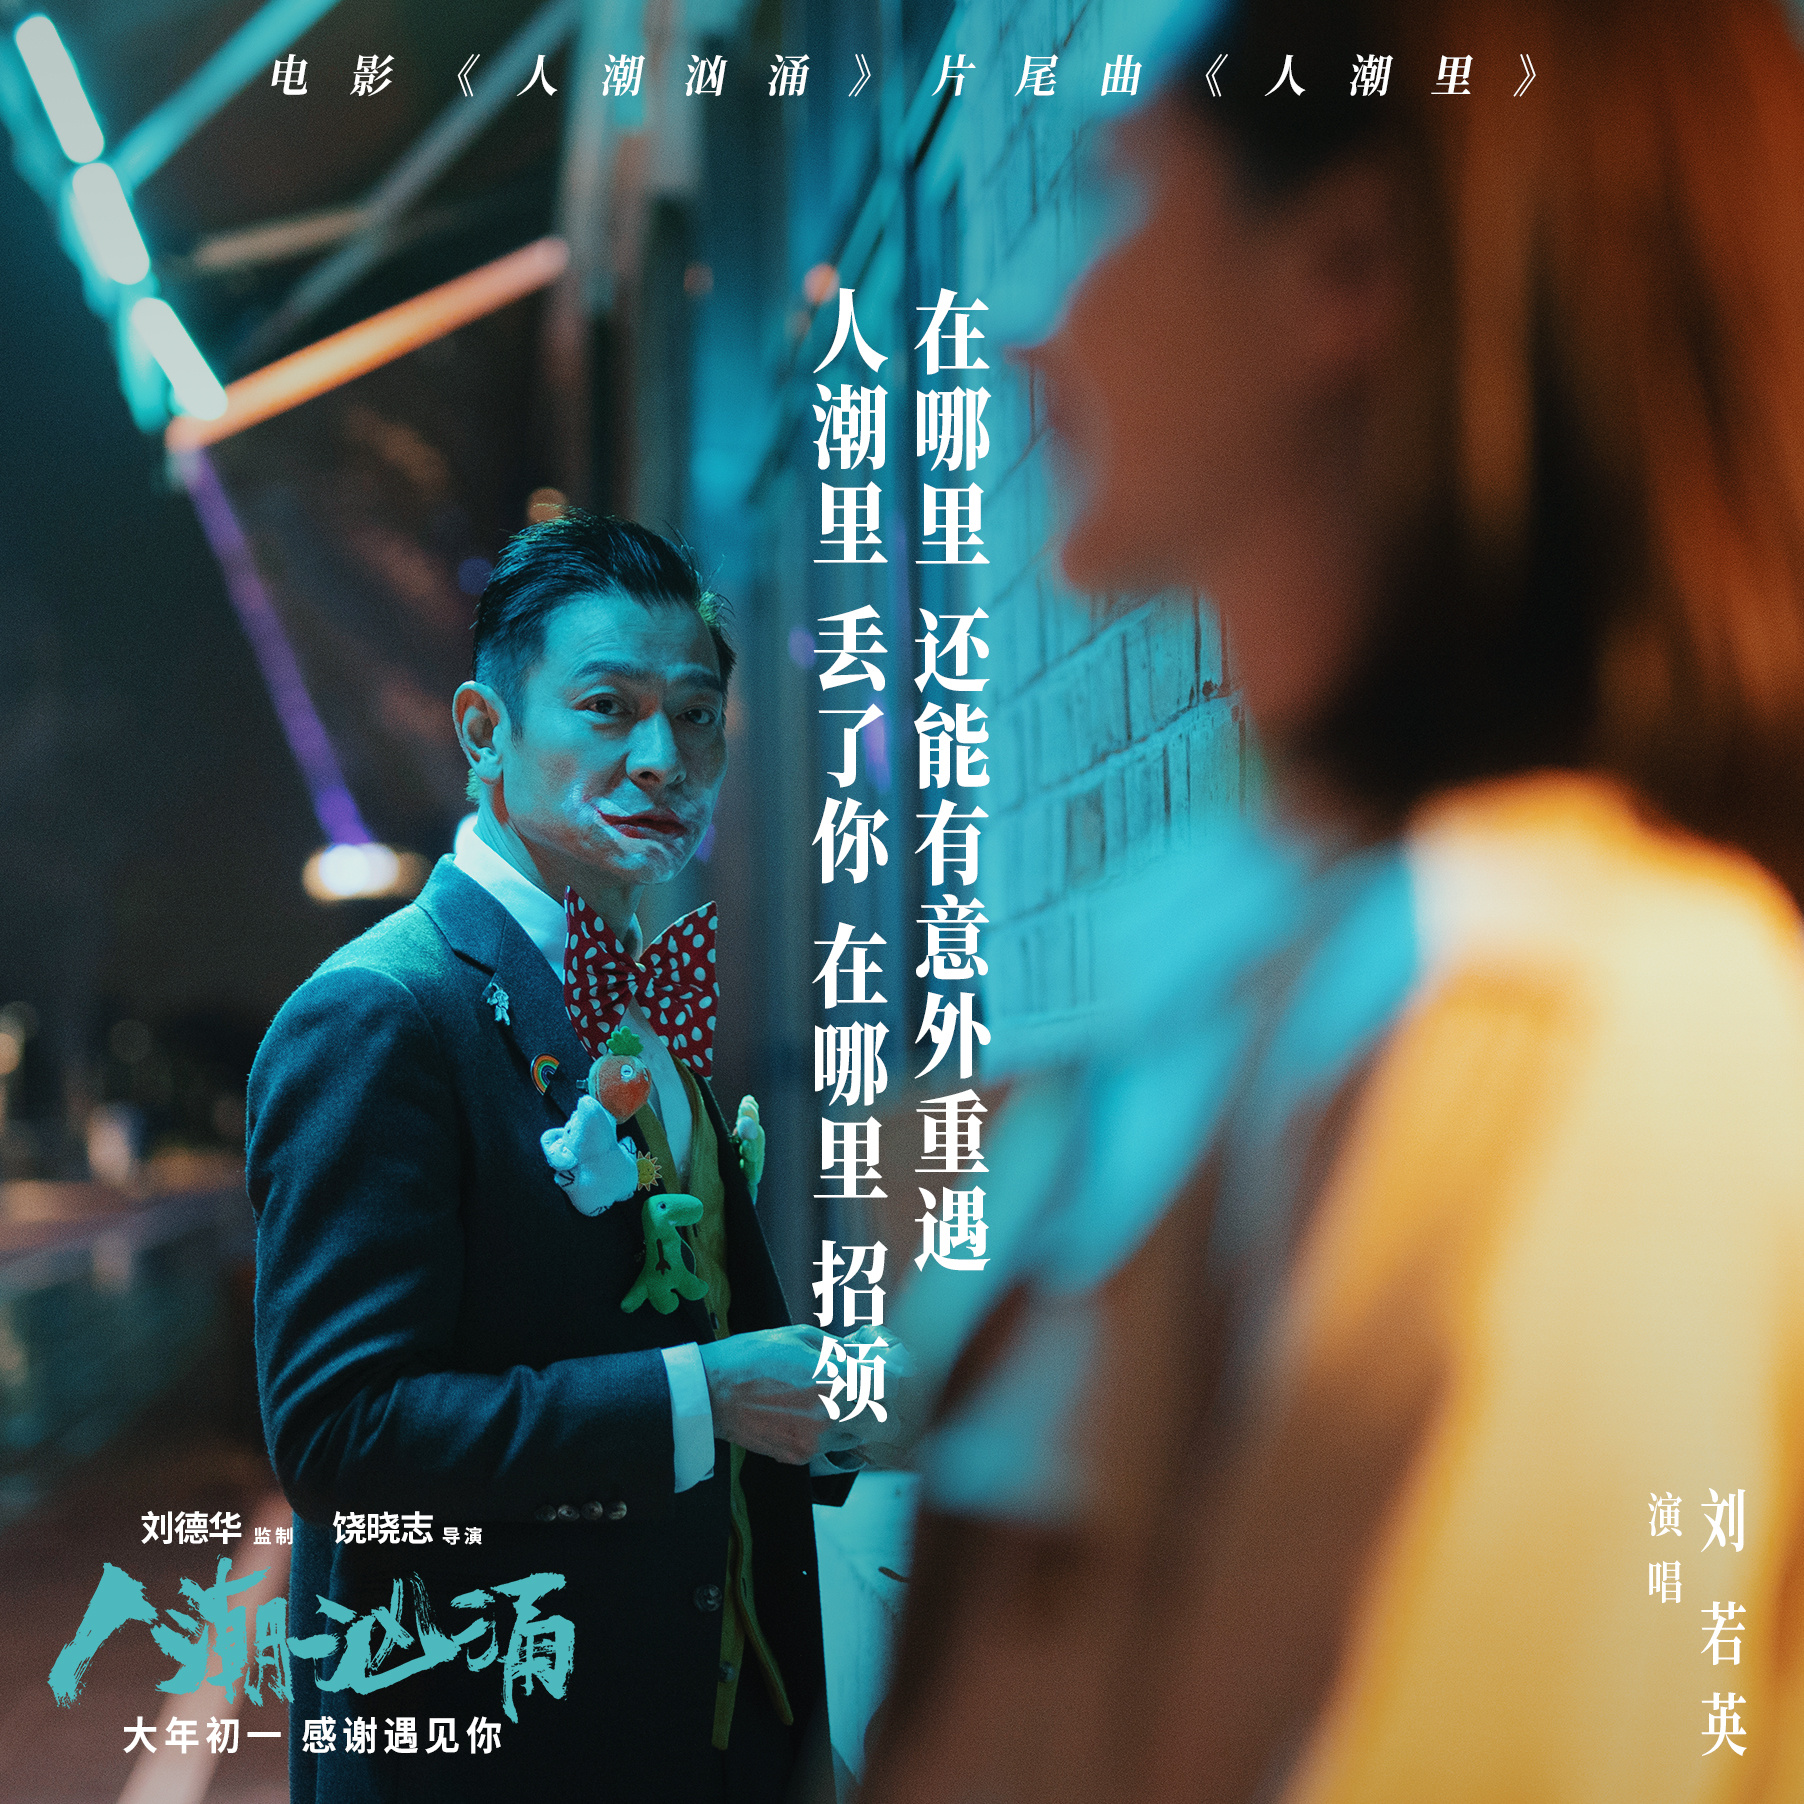 电银付加盟(dianyinzhifu.com):刘若英刘德华16年后再对唱 《人潮汹涌》曝片尾曲 第2张